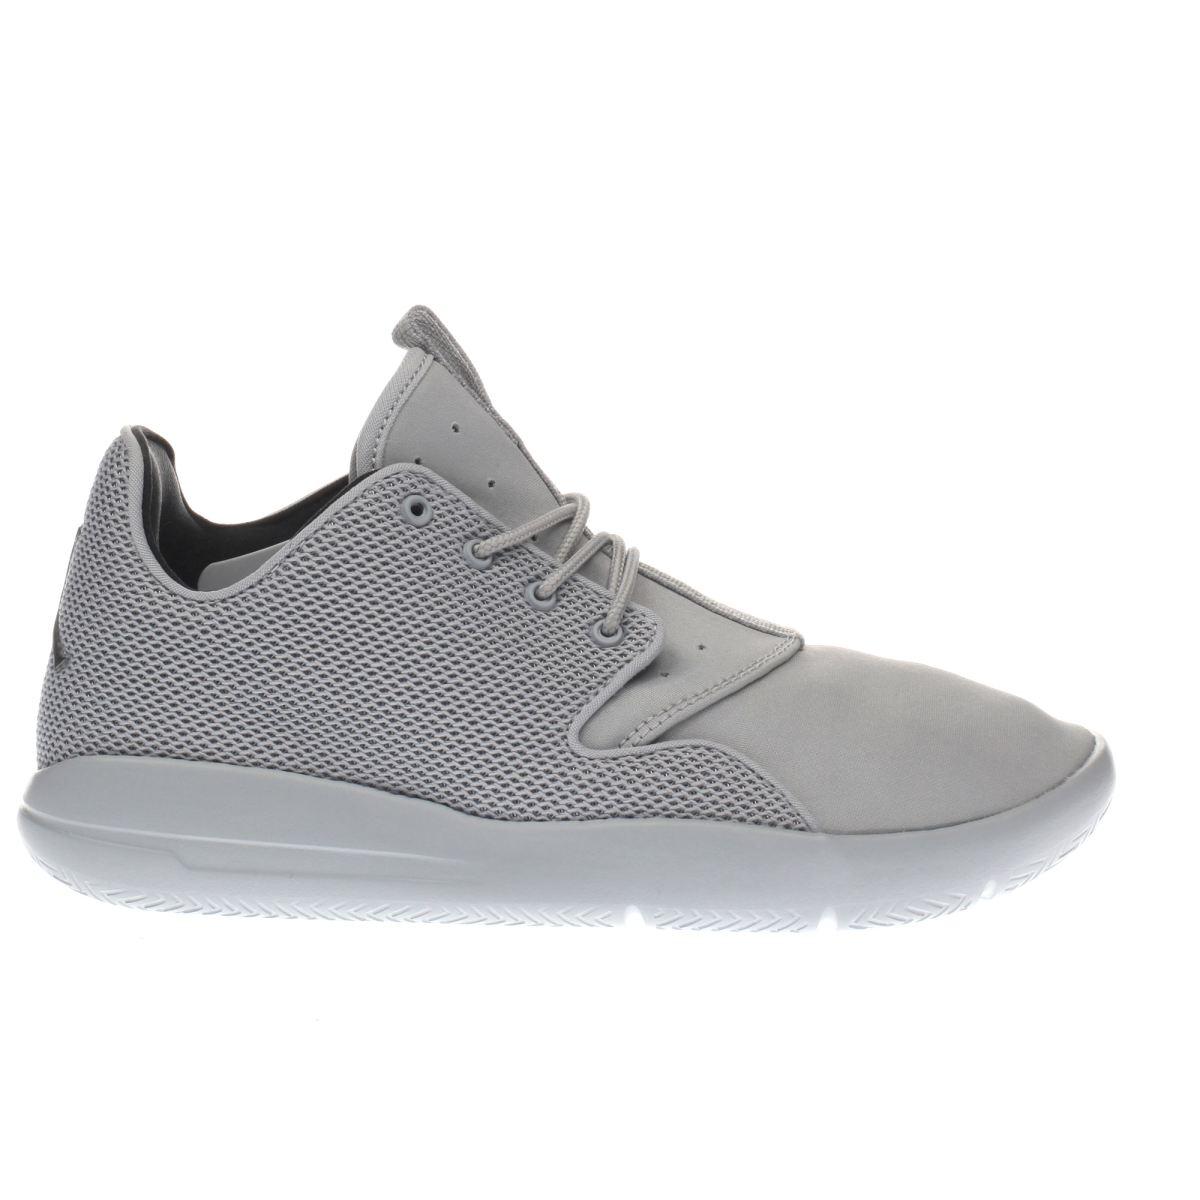 nike jordan Nike Jordan Grey Eclipse Unisex Youth